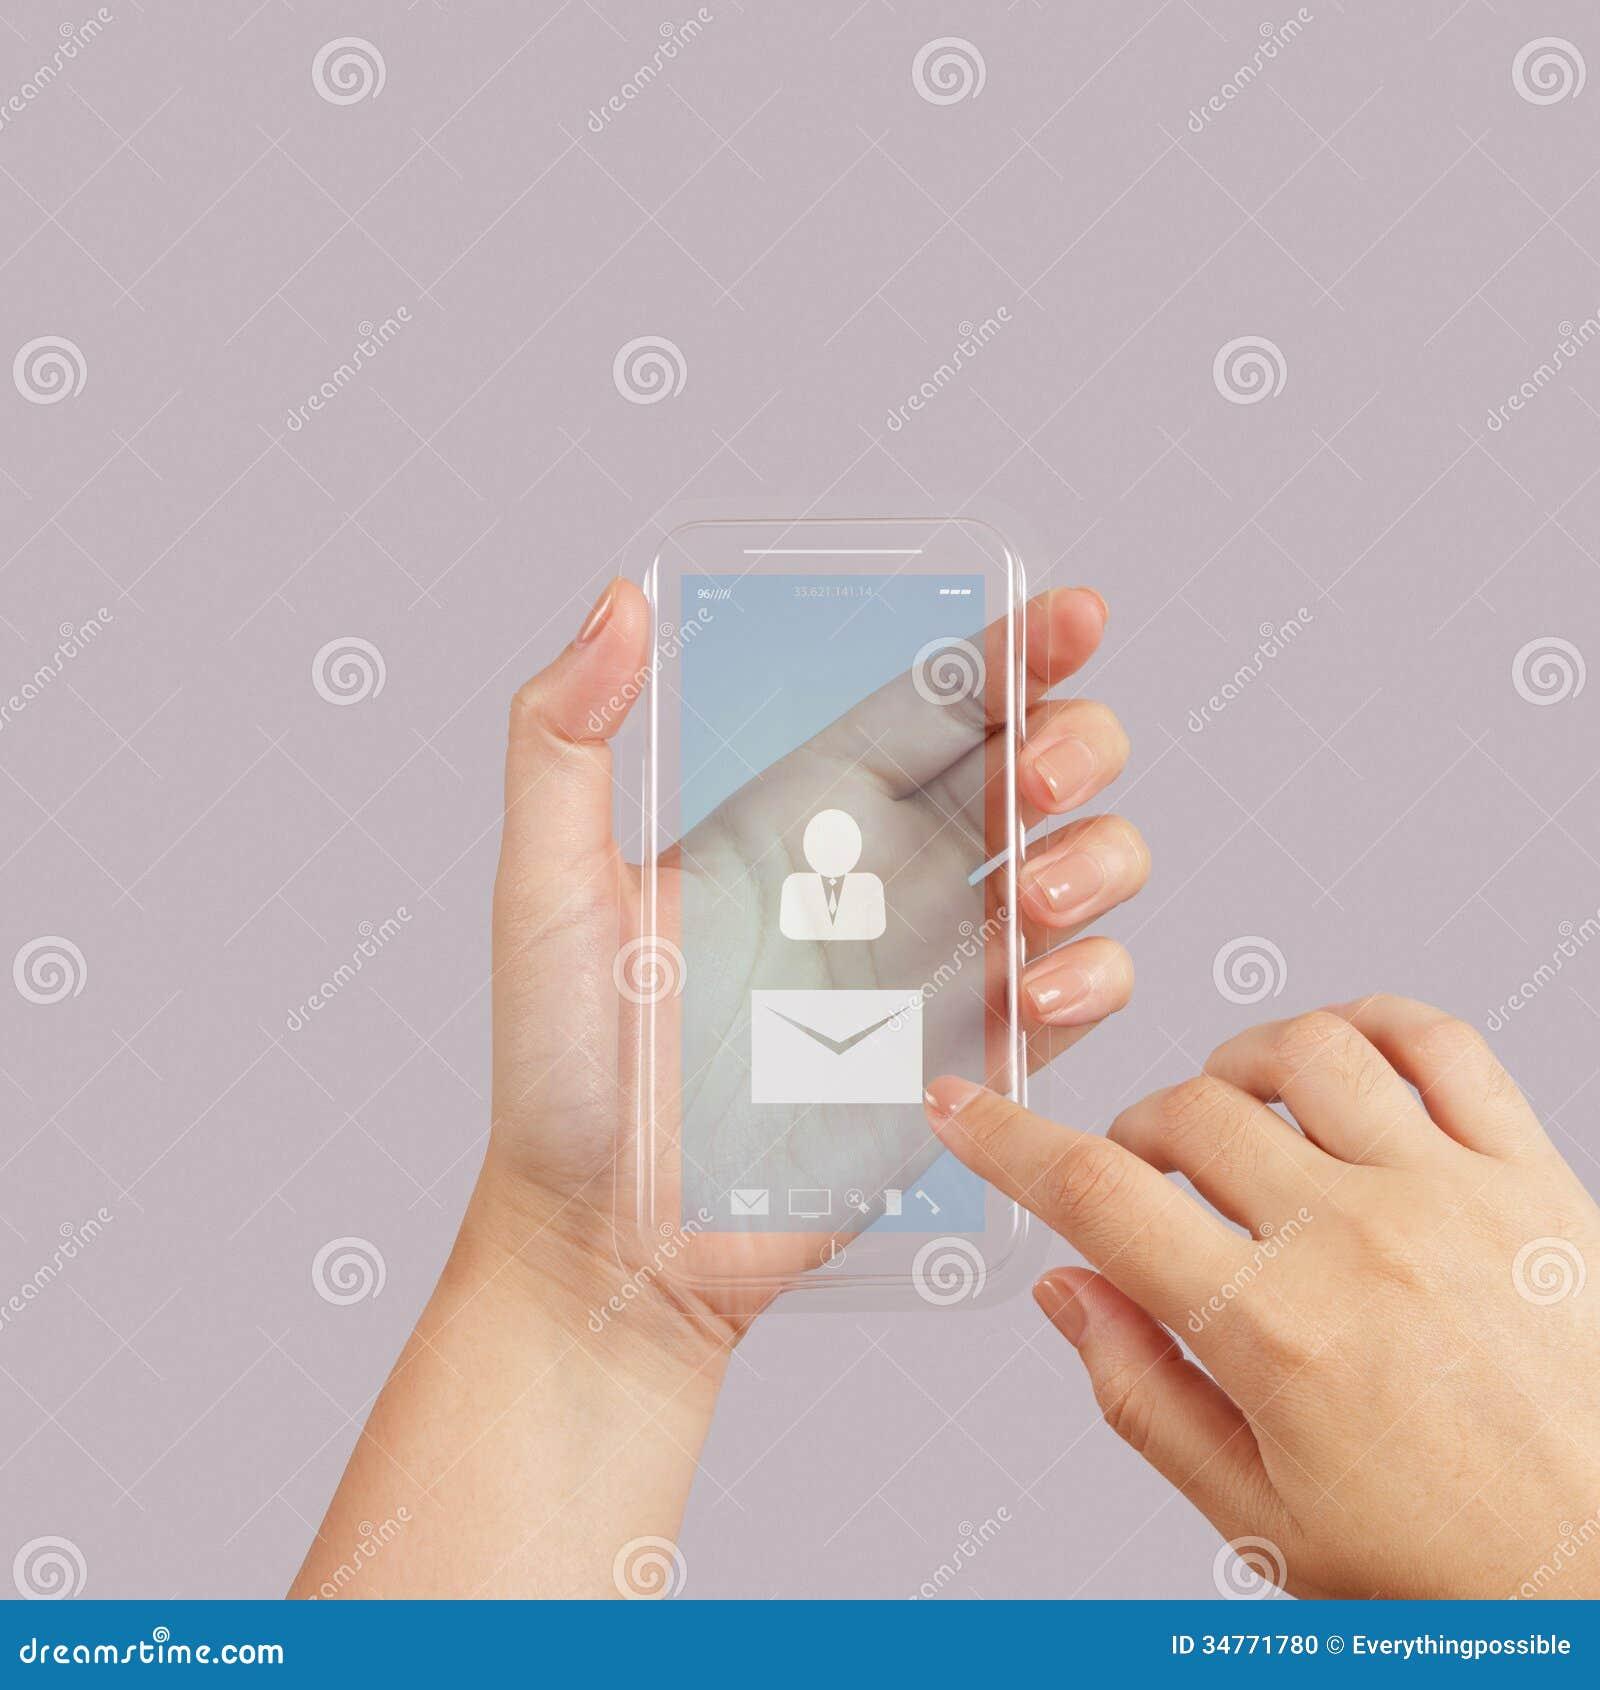 Come aggiustare il vetro del cellulare | Salvatore Aranzulla